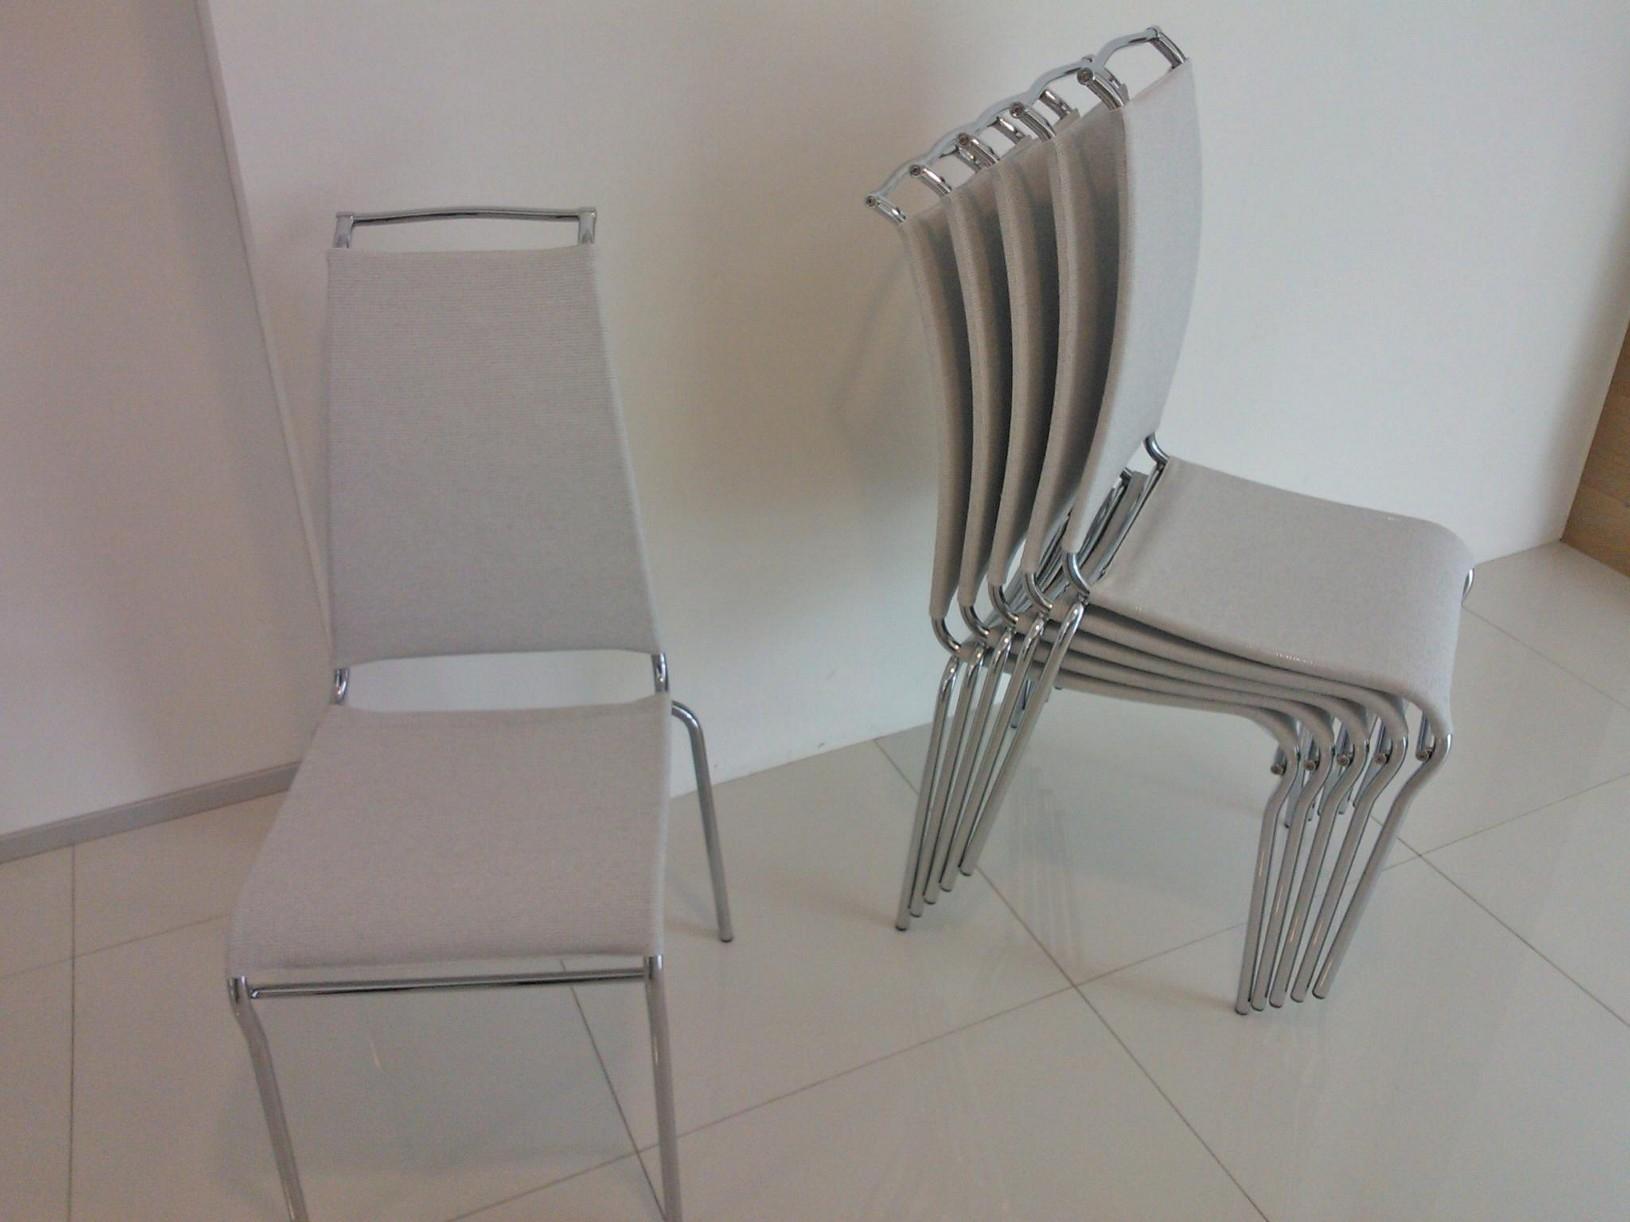 06 sedia calligaris air high scontato del -46 % - sedie a prezzi ... - Sedie Da Soggiorno Calligaris 2